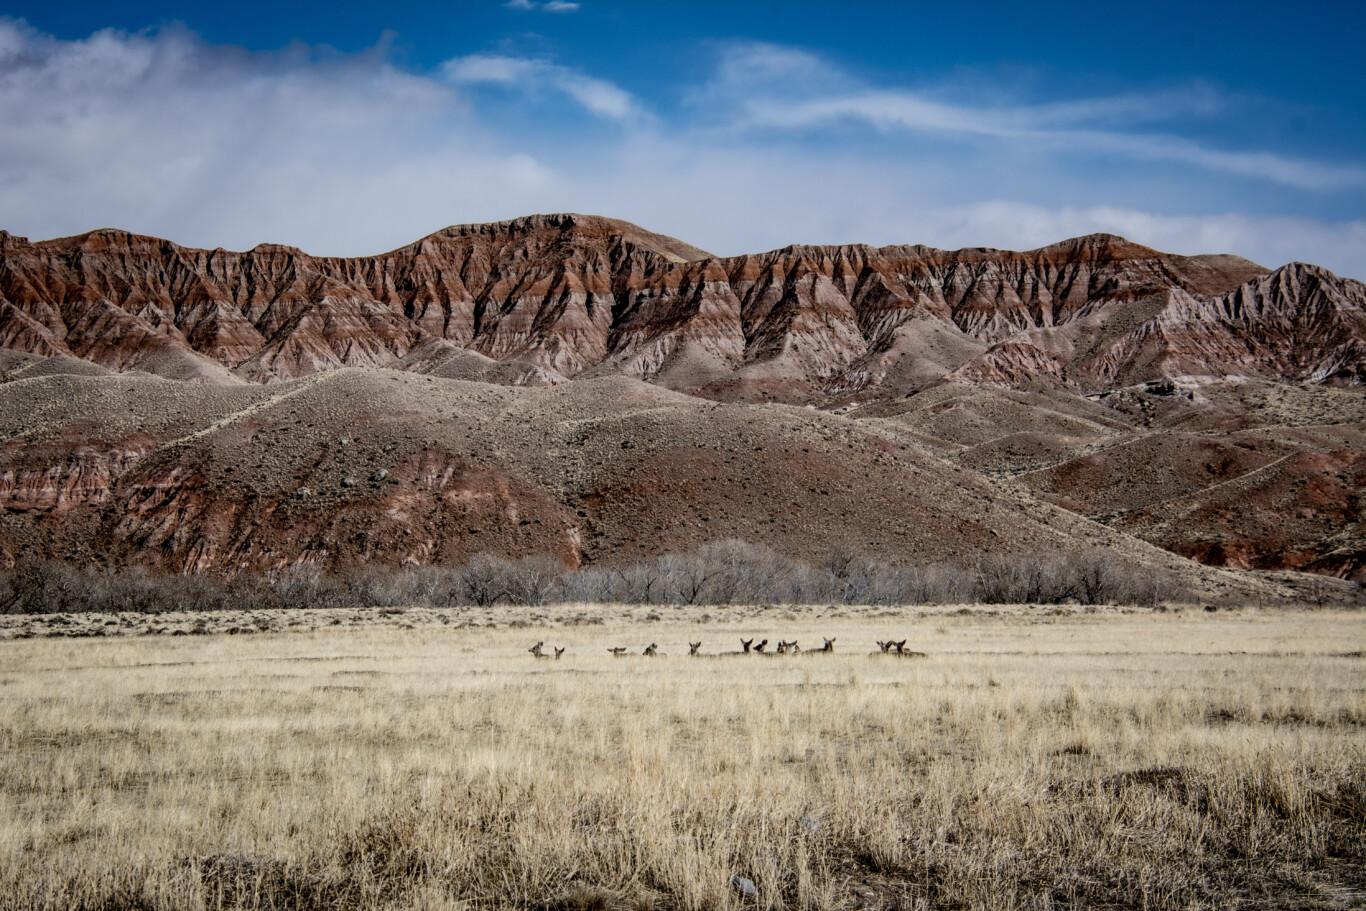 East Fork Mule Deer